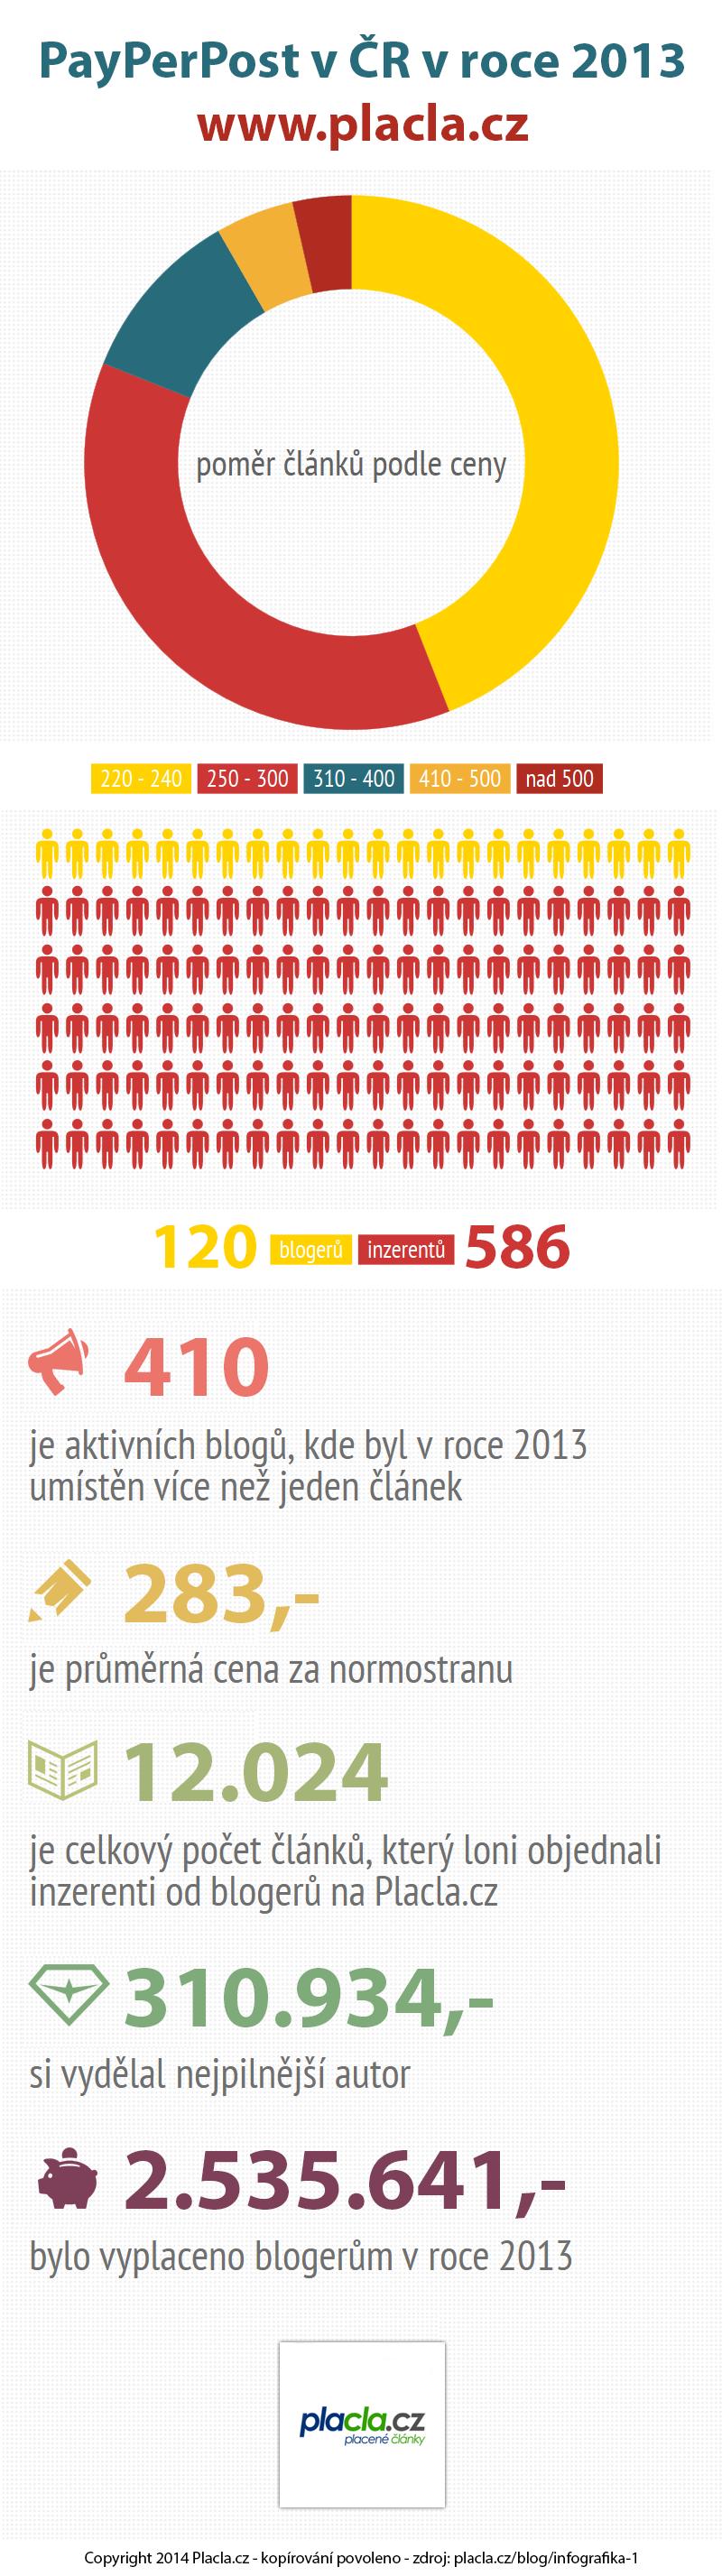 infografika placla.cz